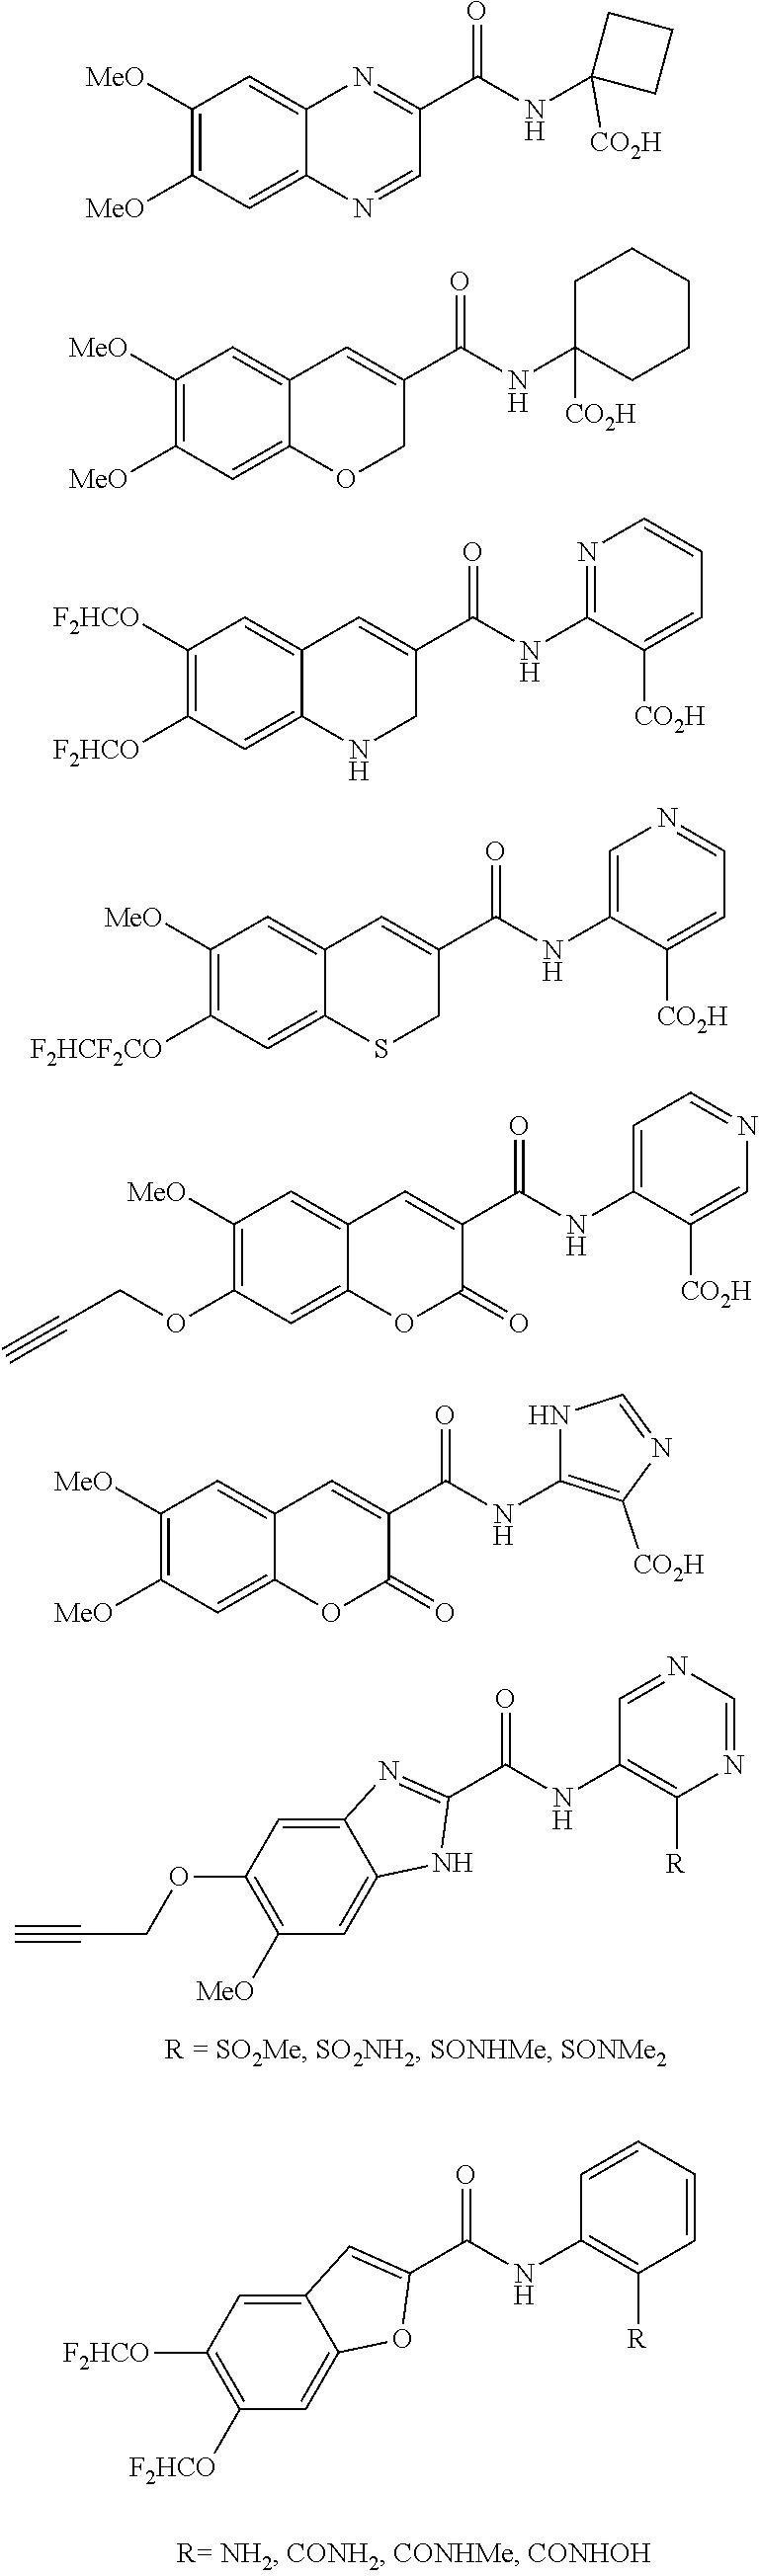 Figure US09951087-20180424-C00141